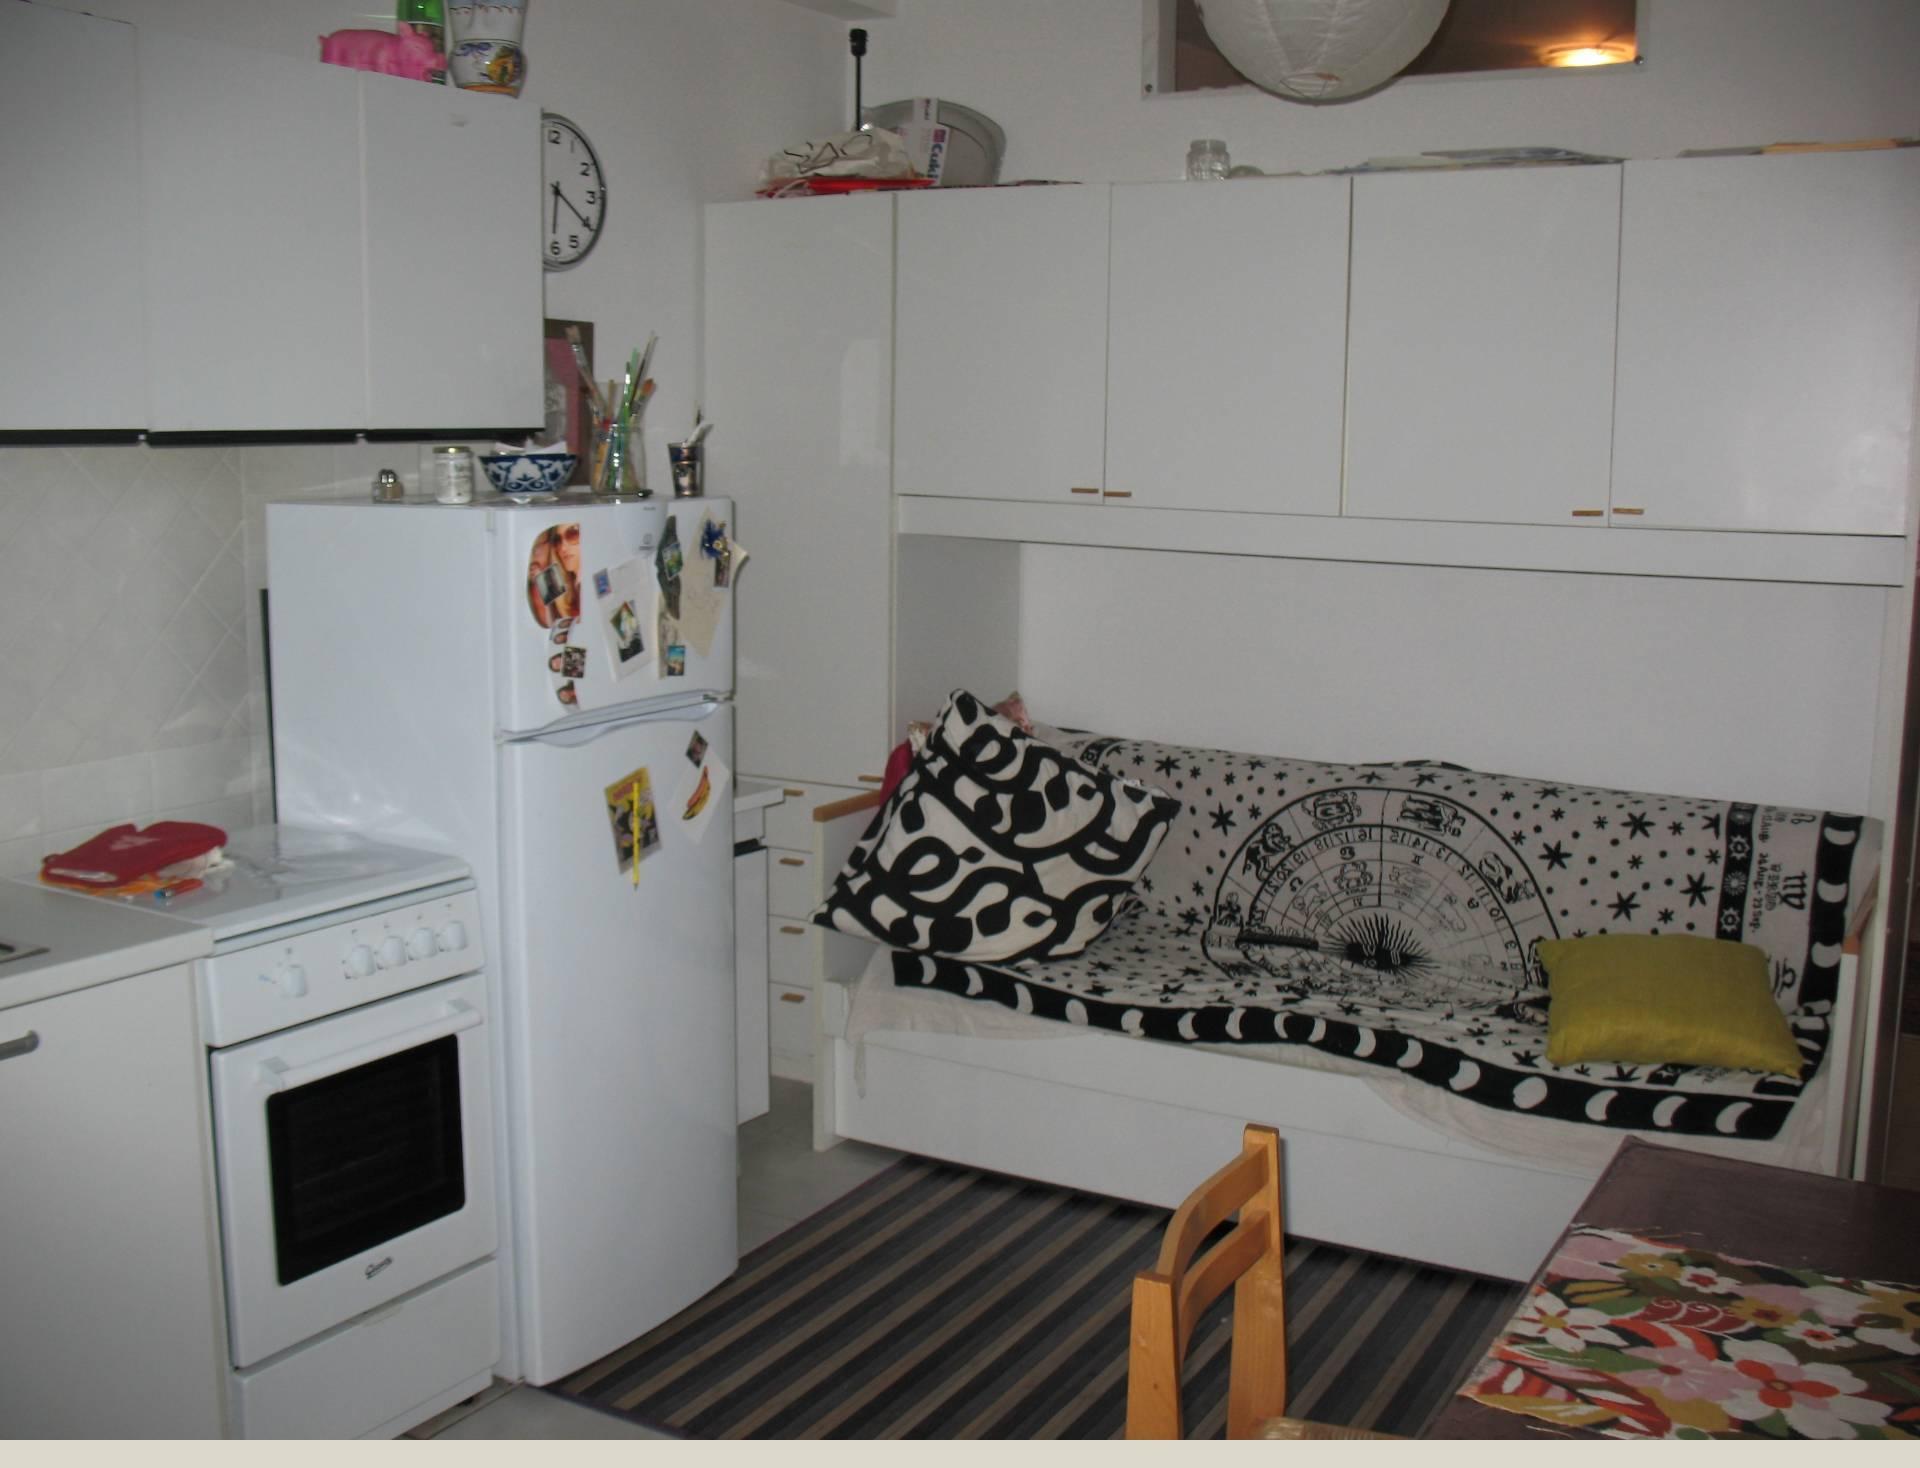 Appartamento in affitto a Macerata, 2 locali, zona Zona: Semicentrale, prezzo € 350 | Cambio Casa.it